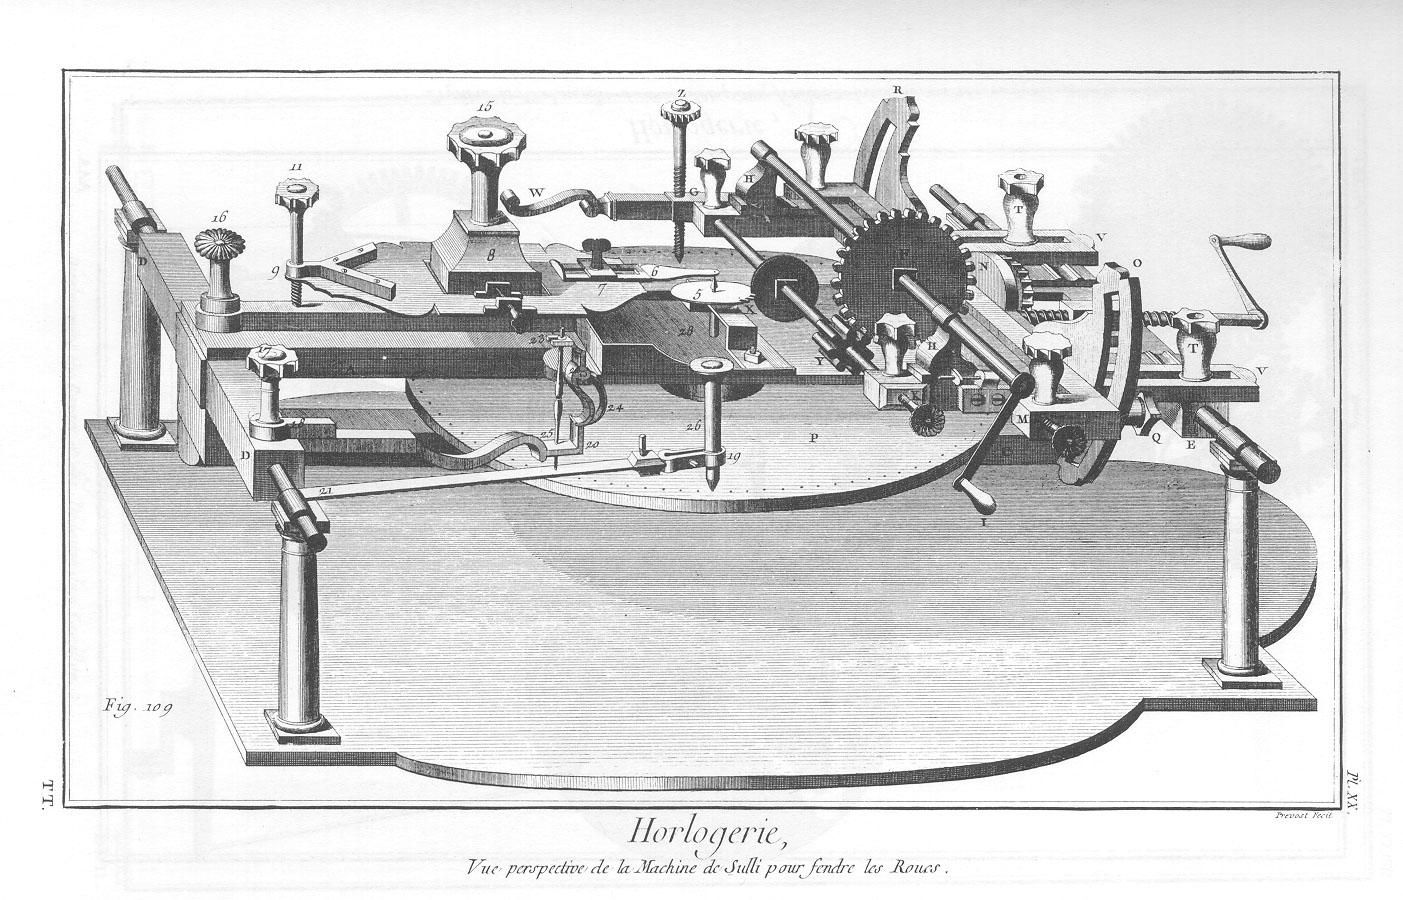 machines pour fendre les roues horlogerie ancienne. Black Bedroom Furniture Sets. Home Design Ideas